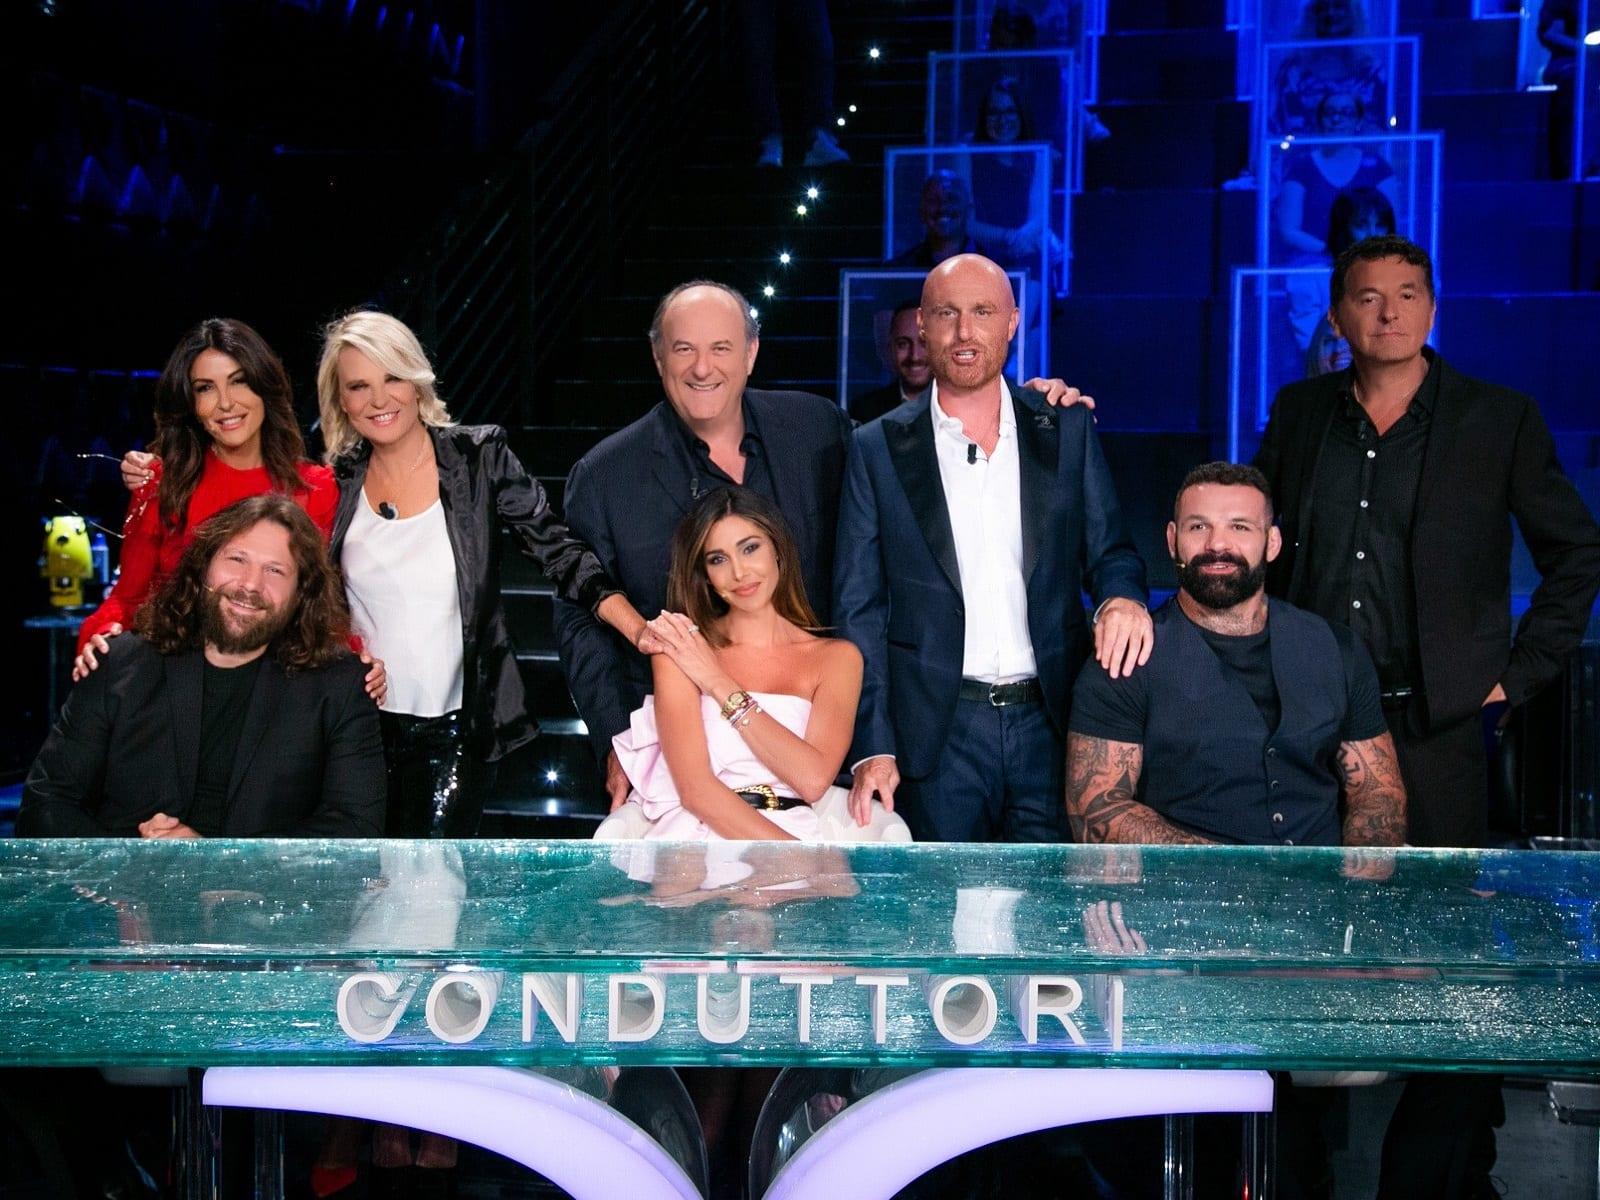 Live 28 novembre 2020 · Tu si que vales 2020 ultima puntata. Con Belen Rodriguez, Martin Castrogiovanni e Alessio Sakara, in prime time su Canale5